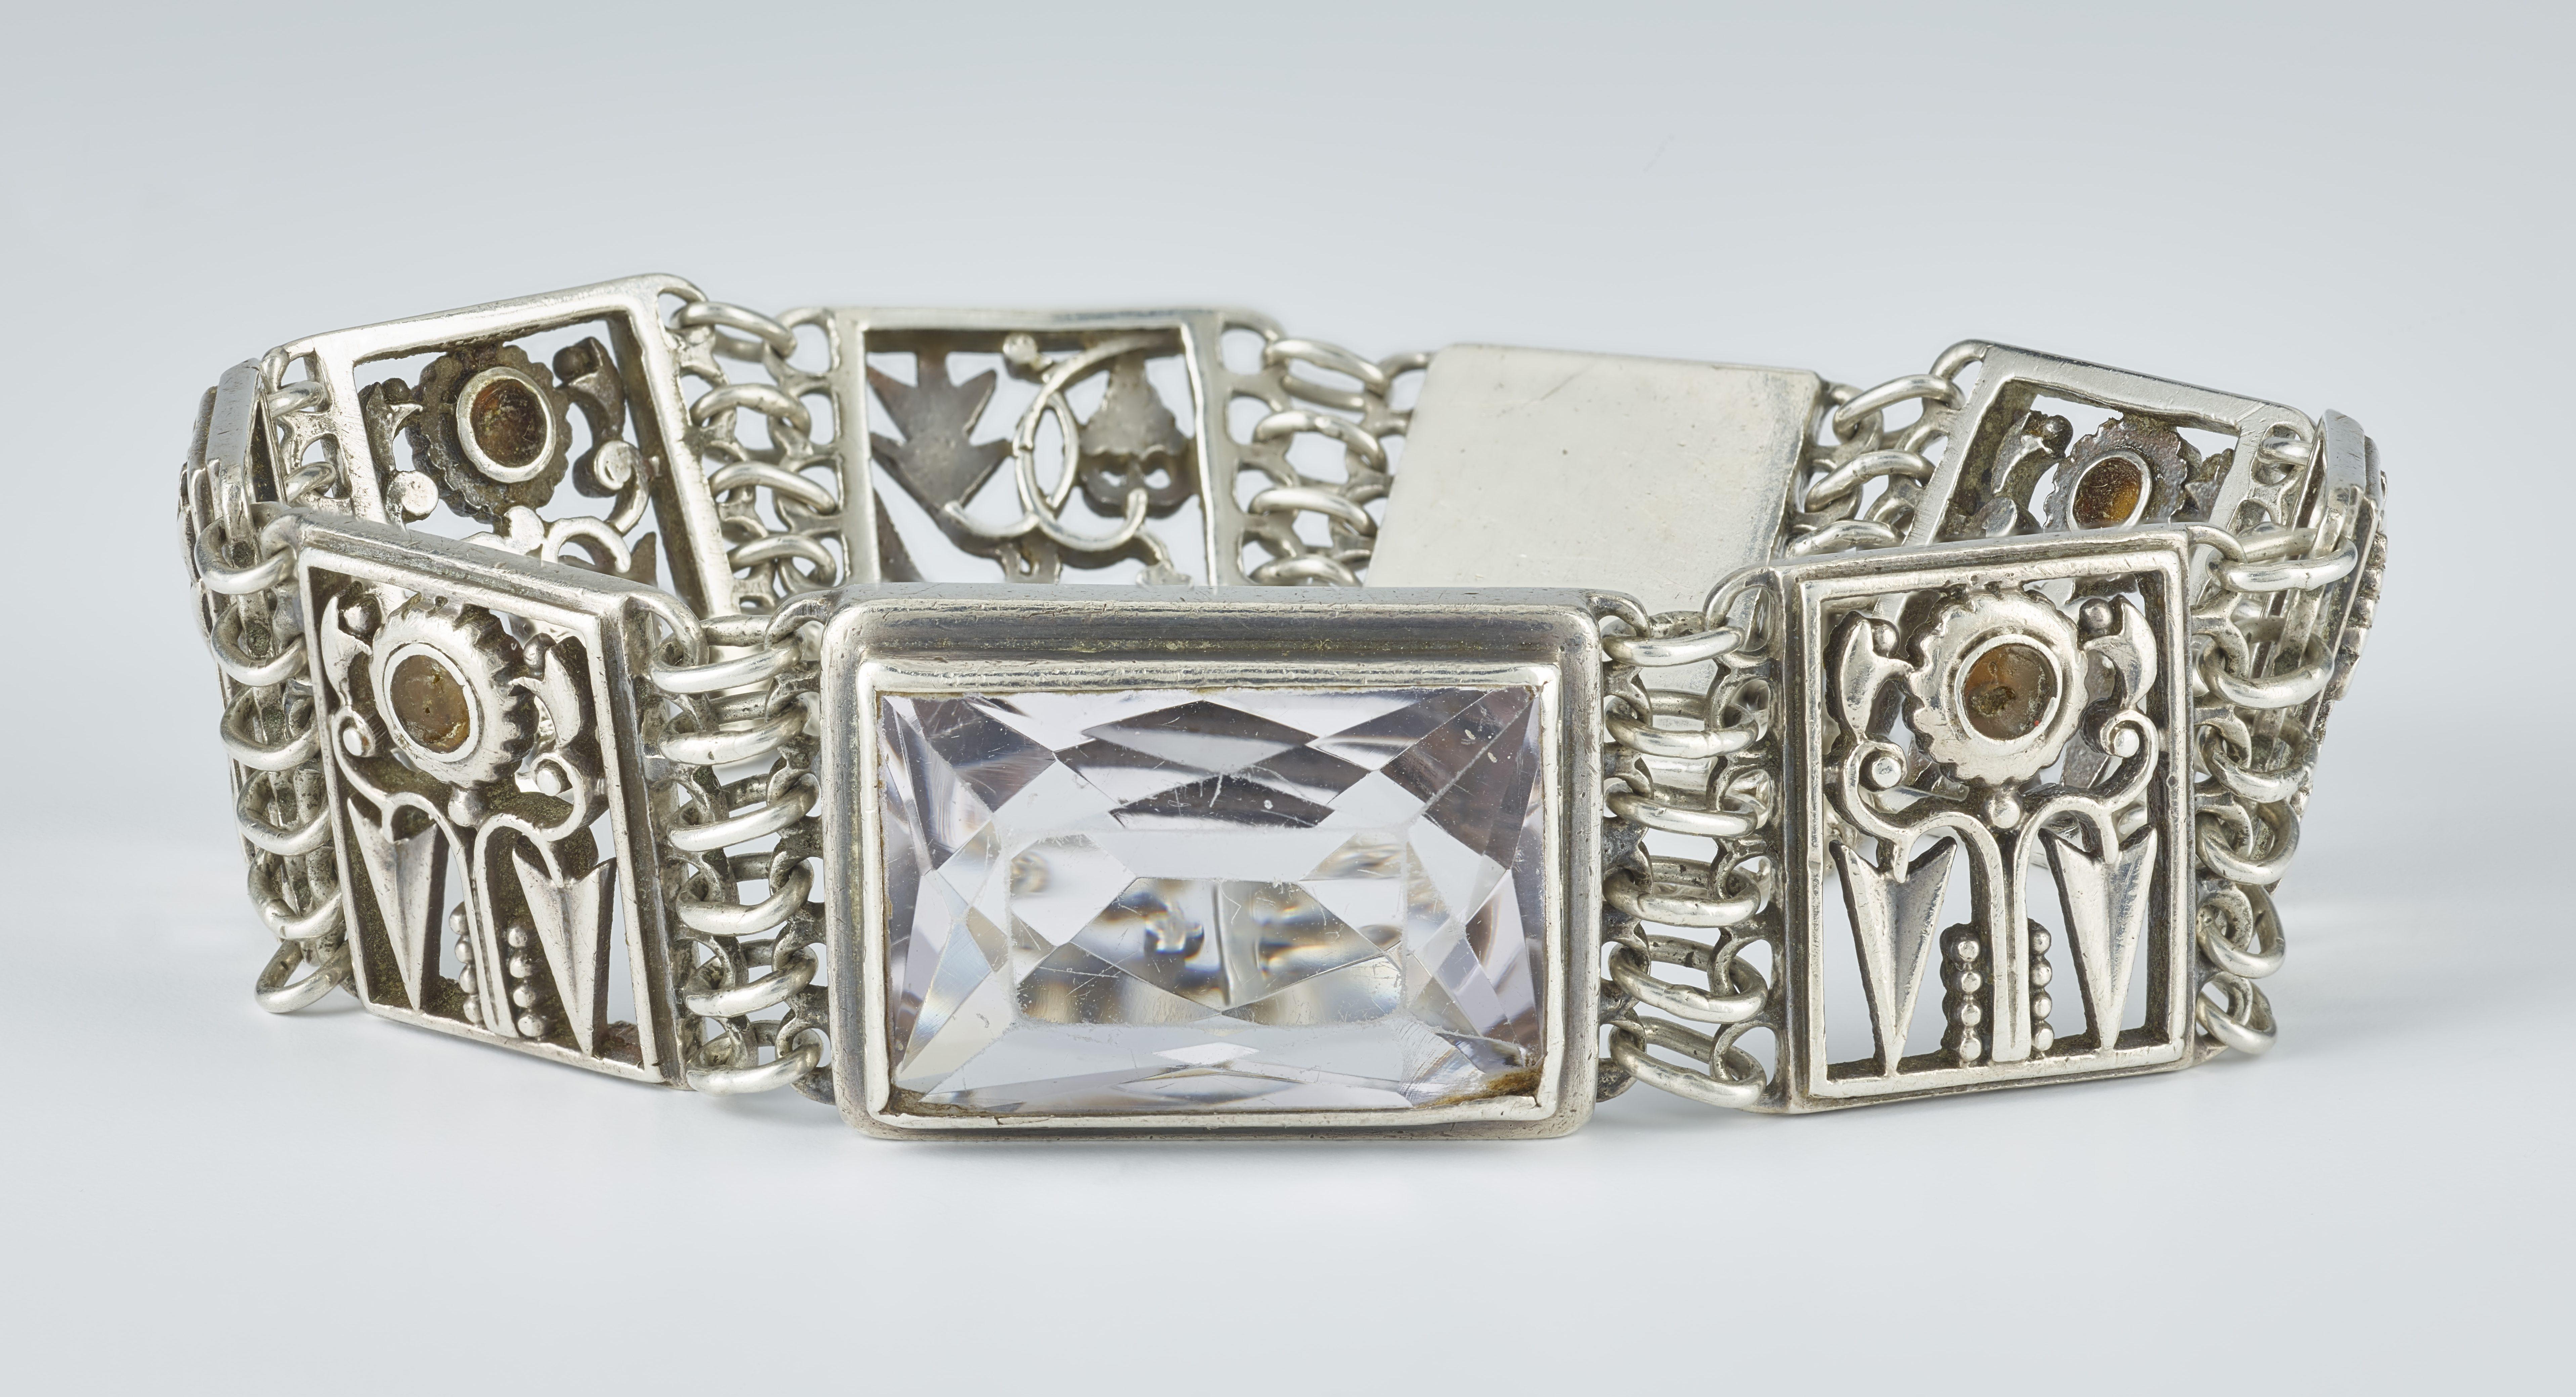 Ludwig Bub, armband, circa 1930. Collectie Ratz-Coradazzi. Foto met dank aan Hessisches Landesmuseum, Wolfgang Fuhrmannek©